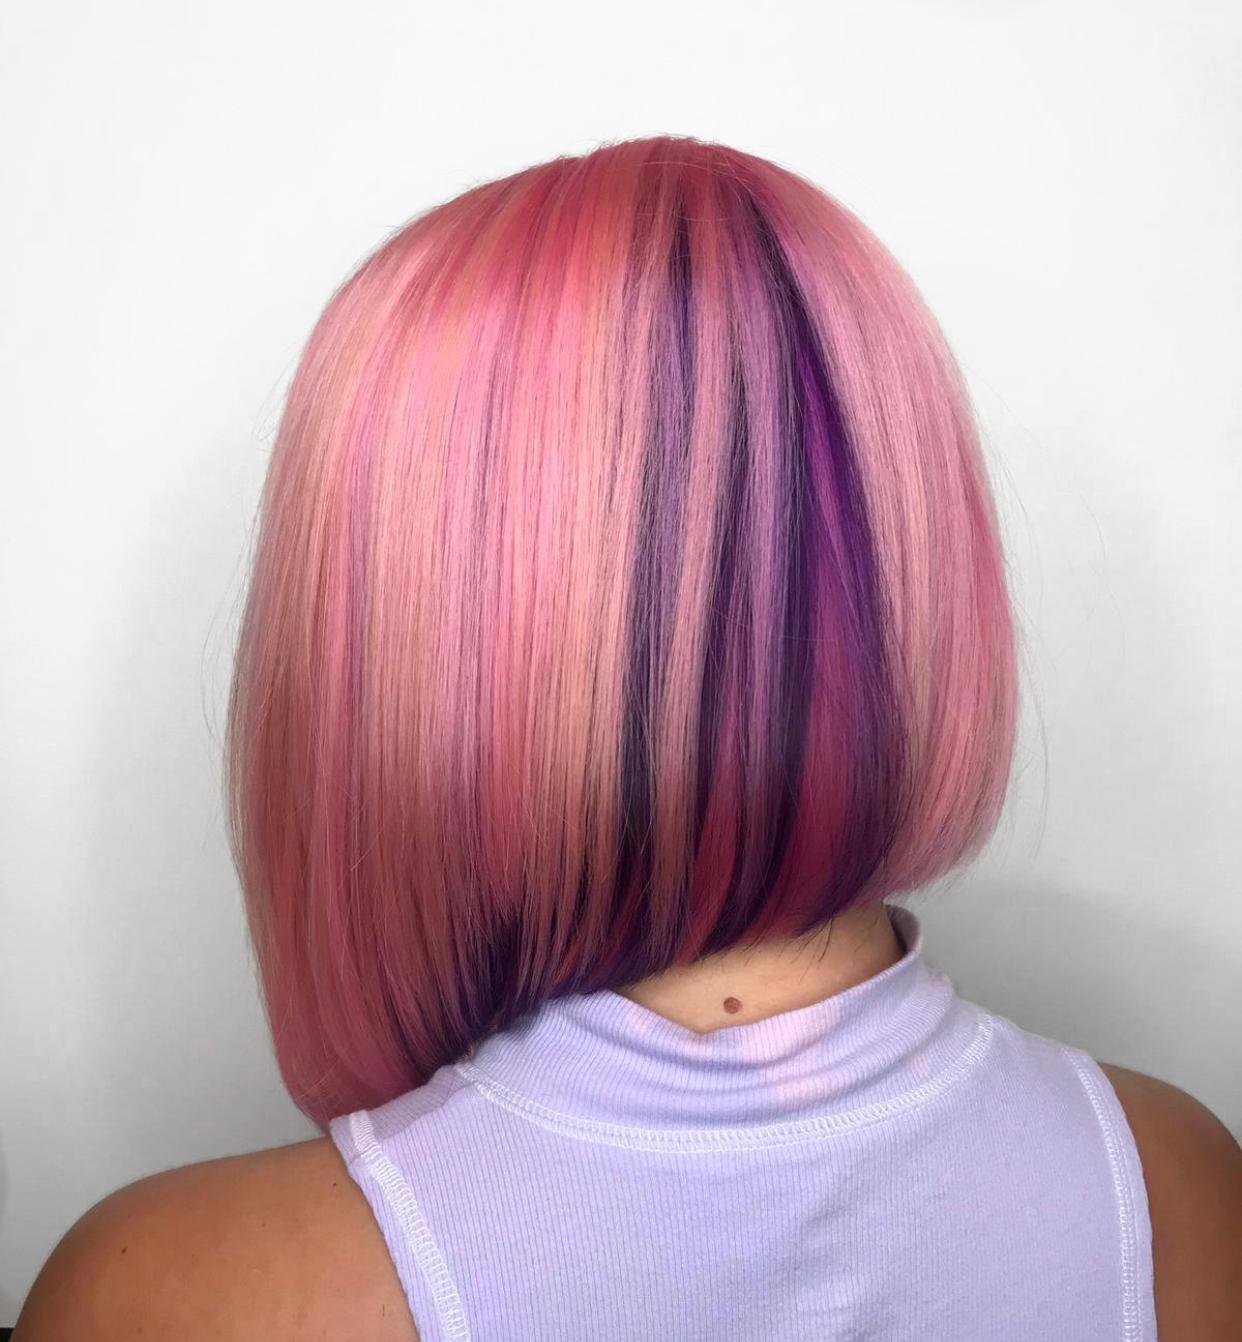 rainbow-hair-color-chicago